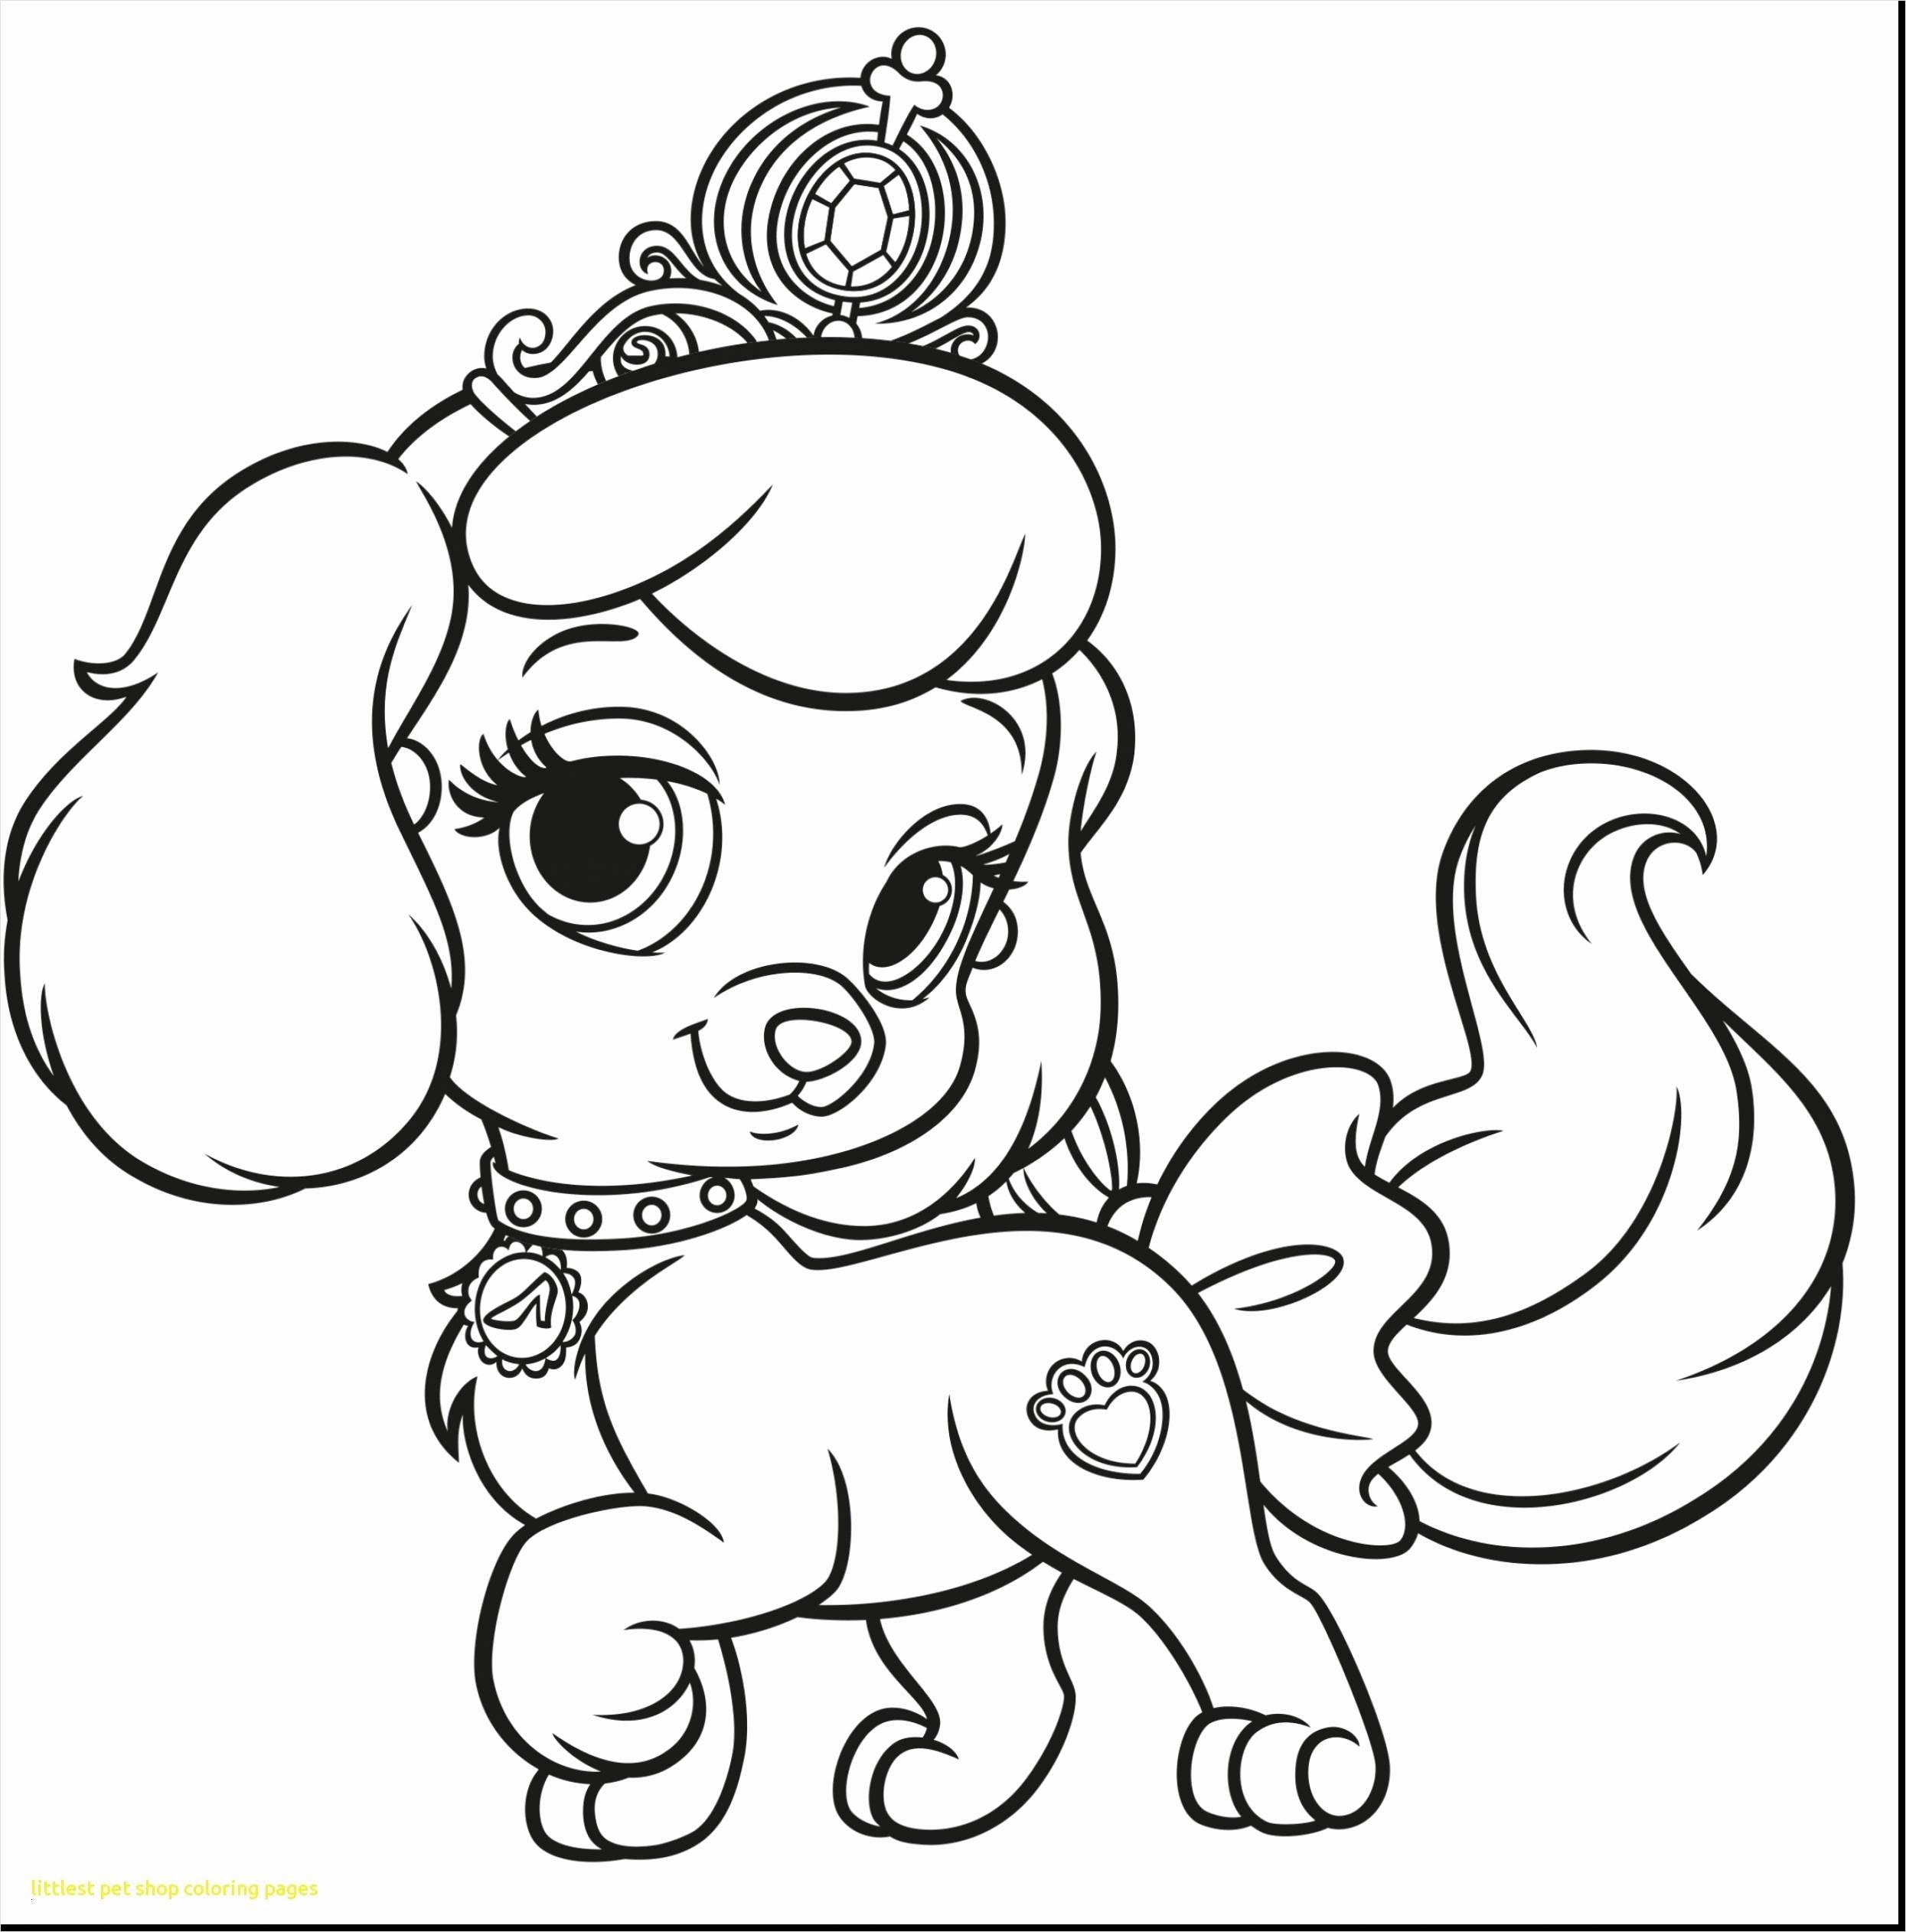 Ich Einfach Unverbesserlich Ausmalbilder Frisch 35 Mops Ausmalbilder Scoredatscore Luxus Hund Ausmalbilder Galerie